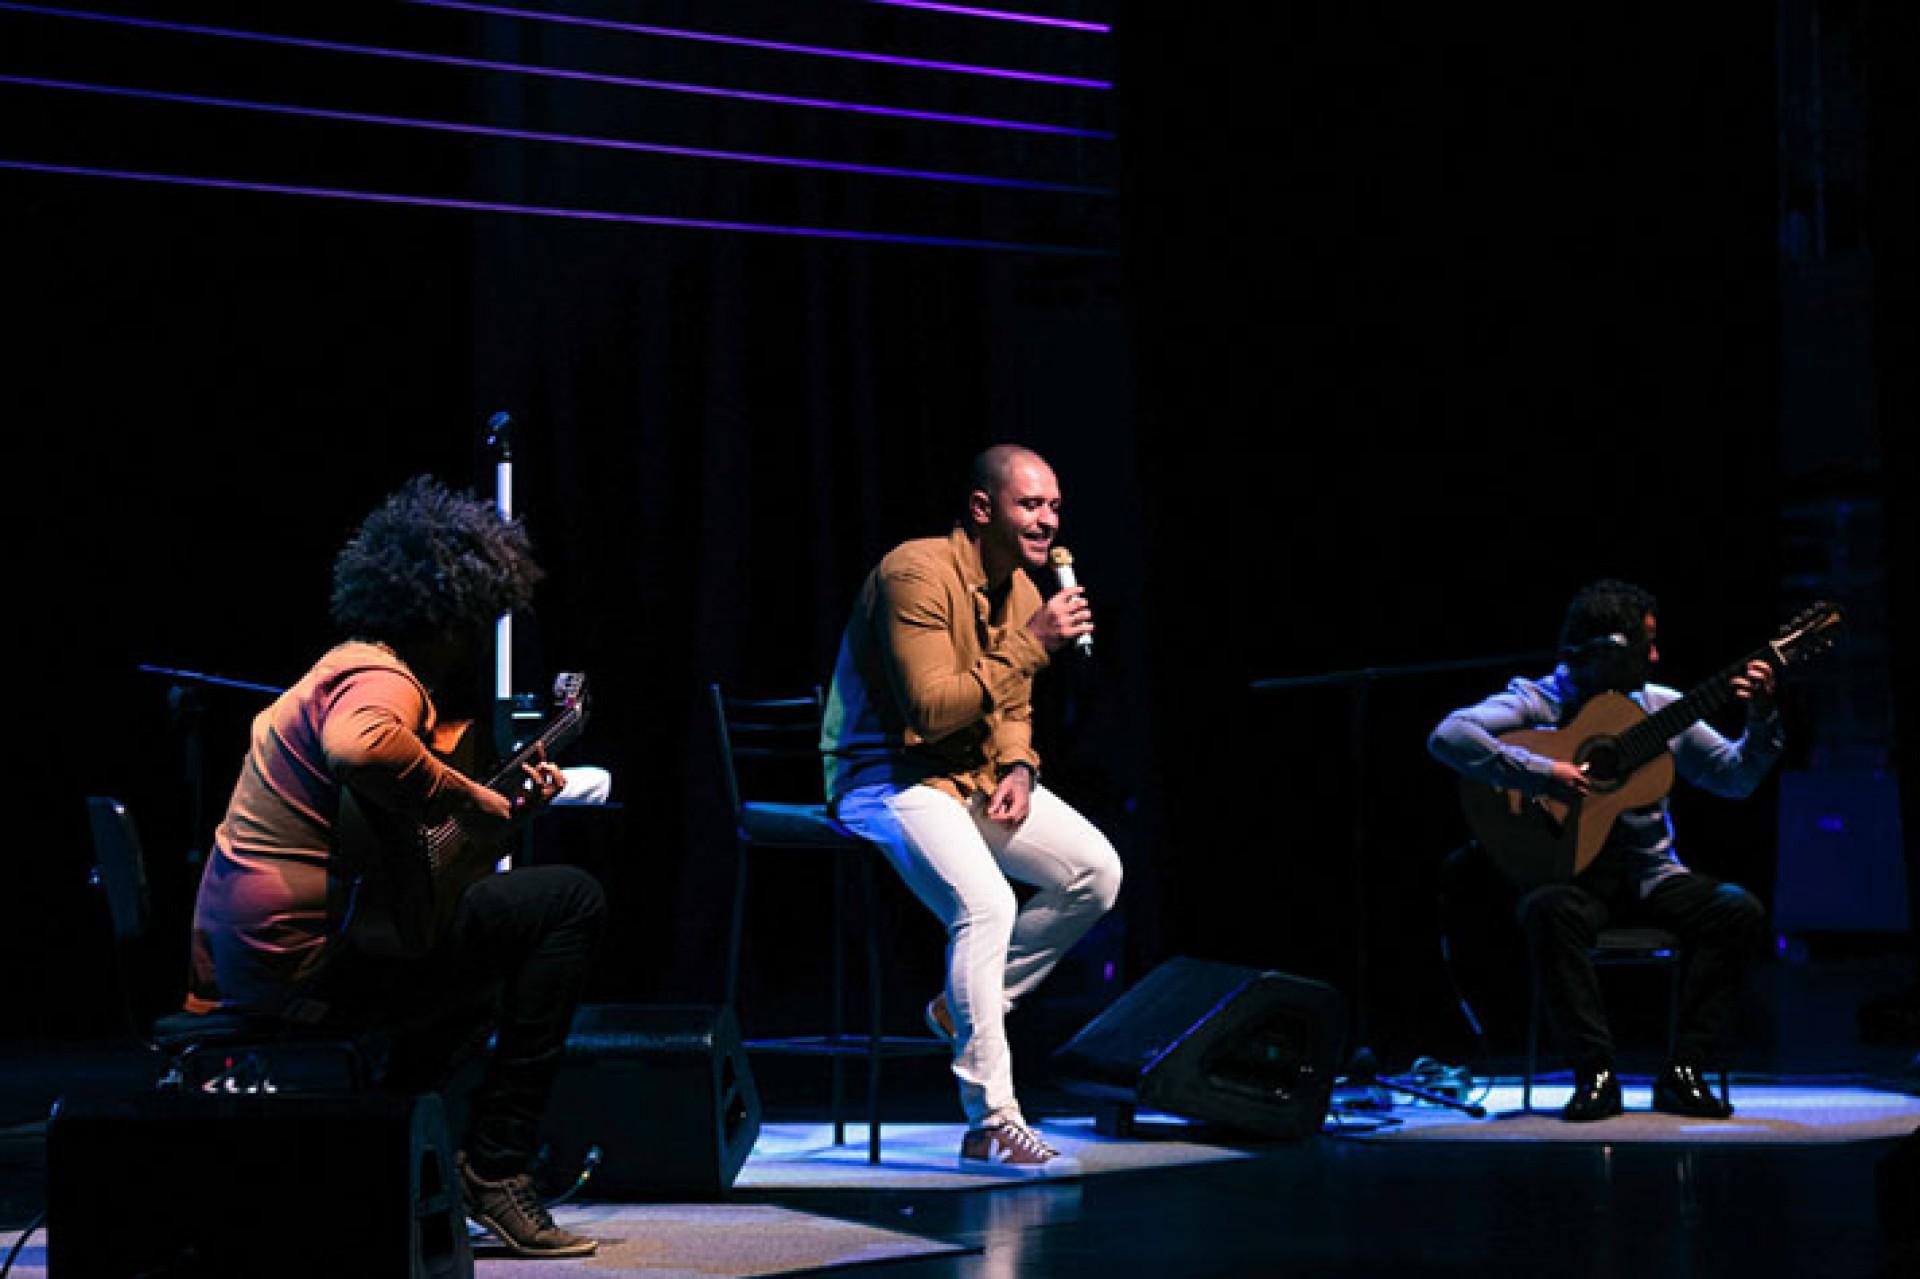 O cantor Diogo Nogueira fará uma live neste sábado, 12, dedicada aos apaixonados no Dia dos Namorados